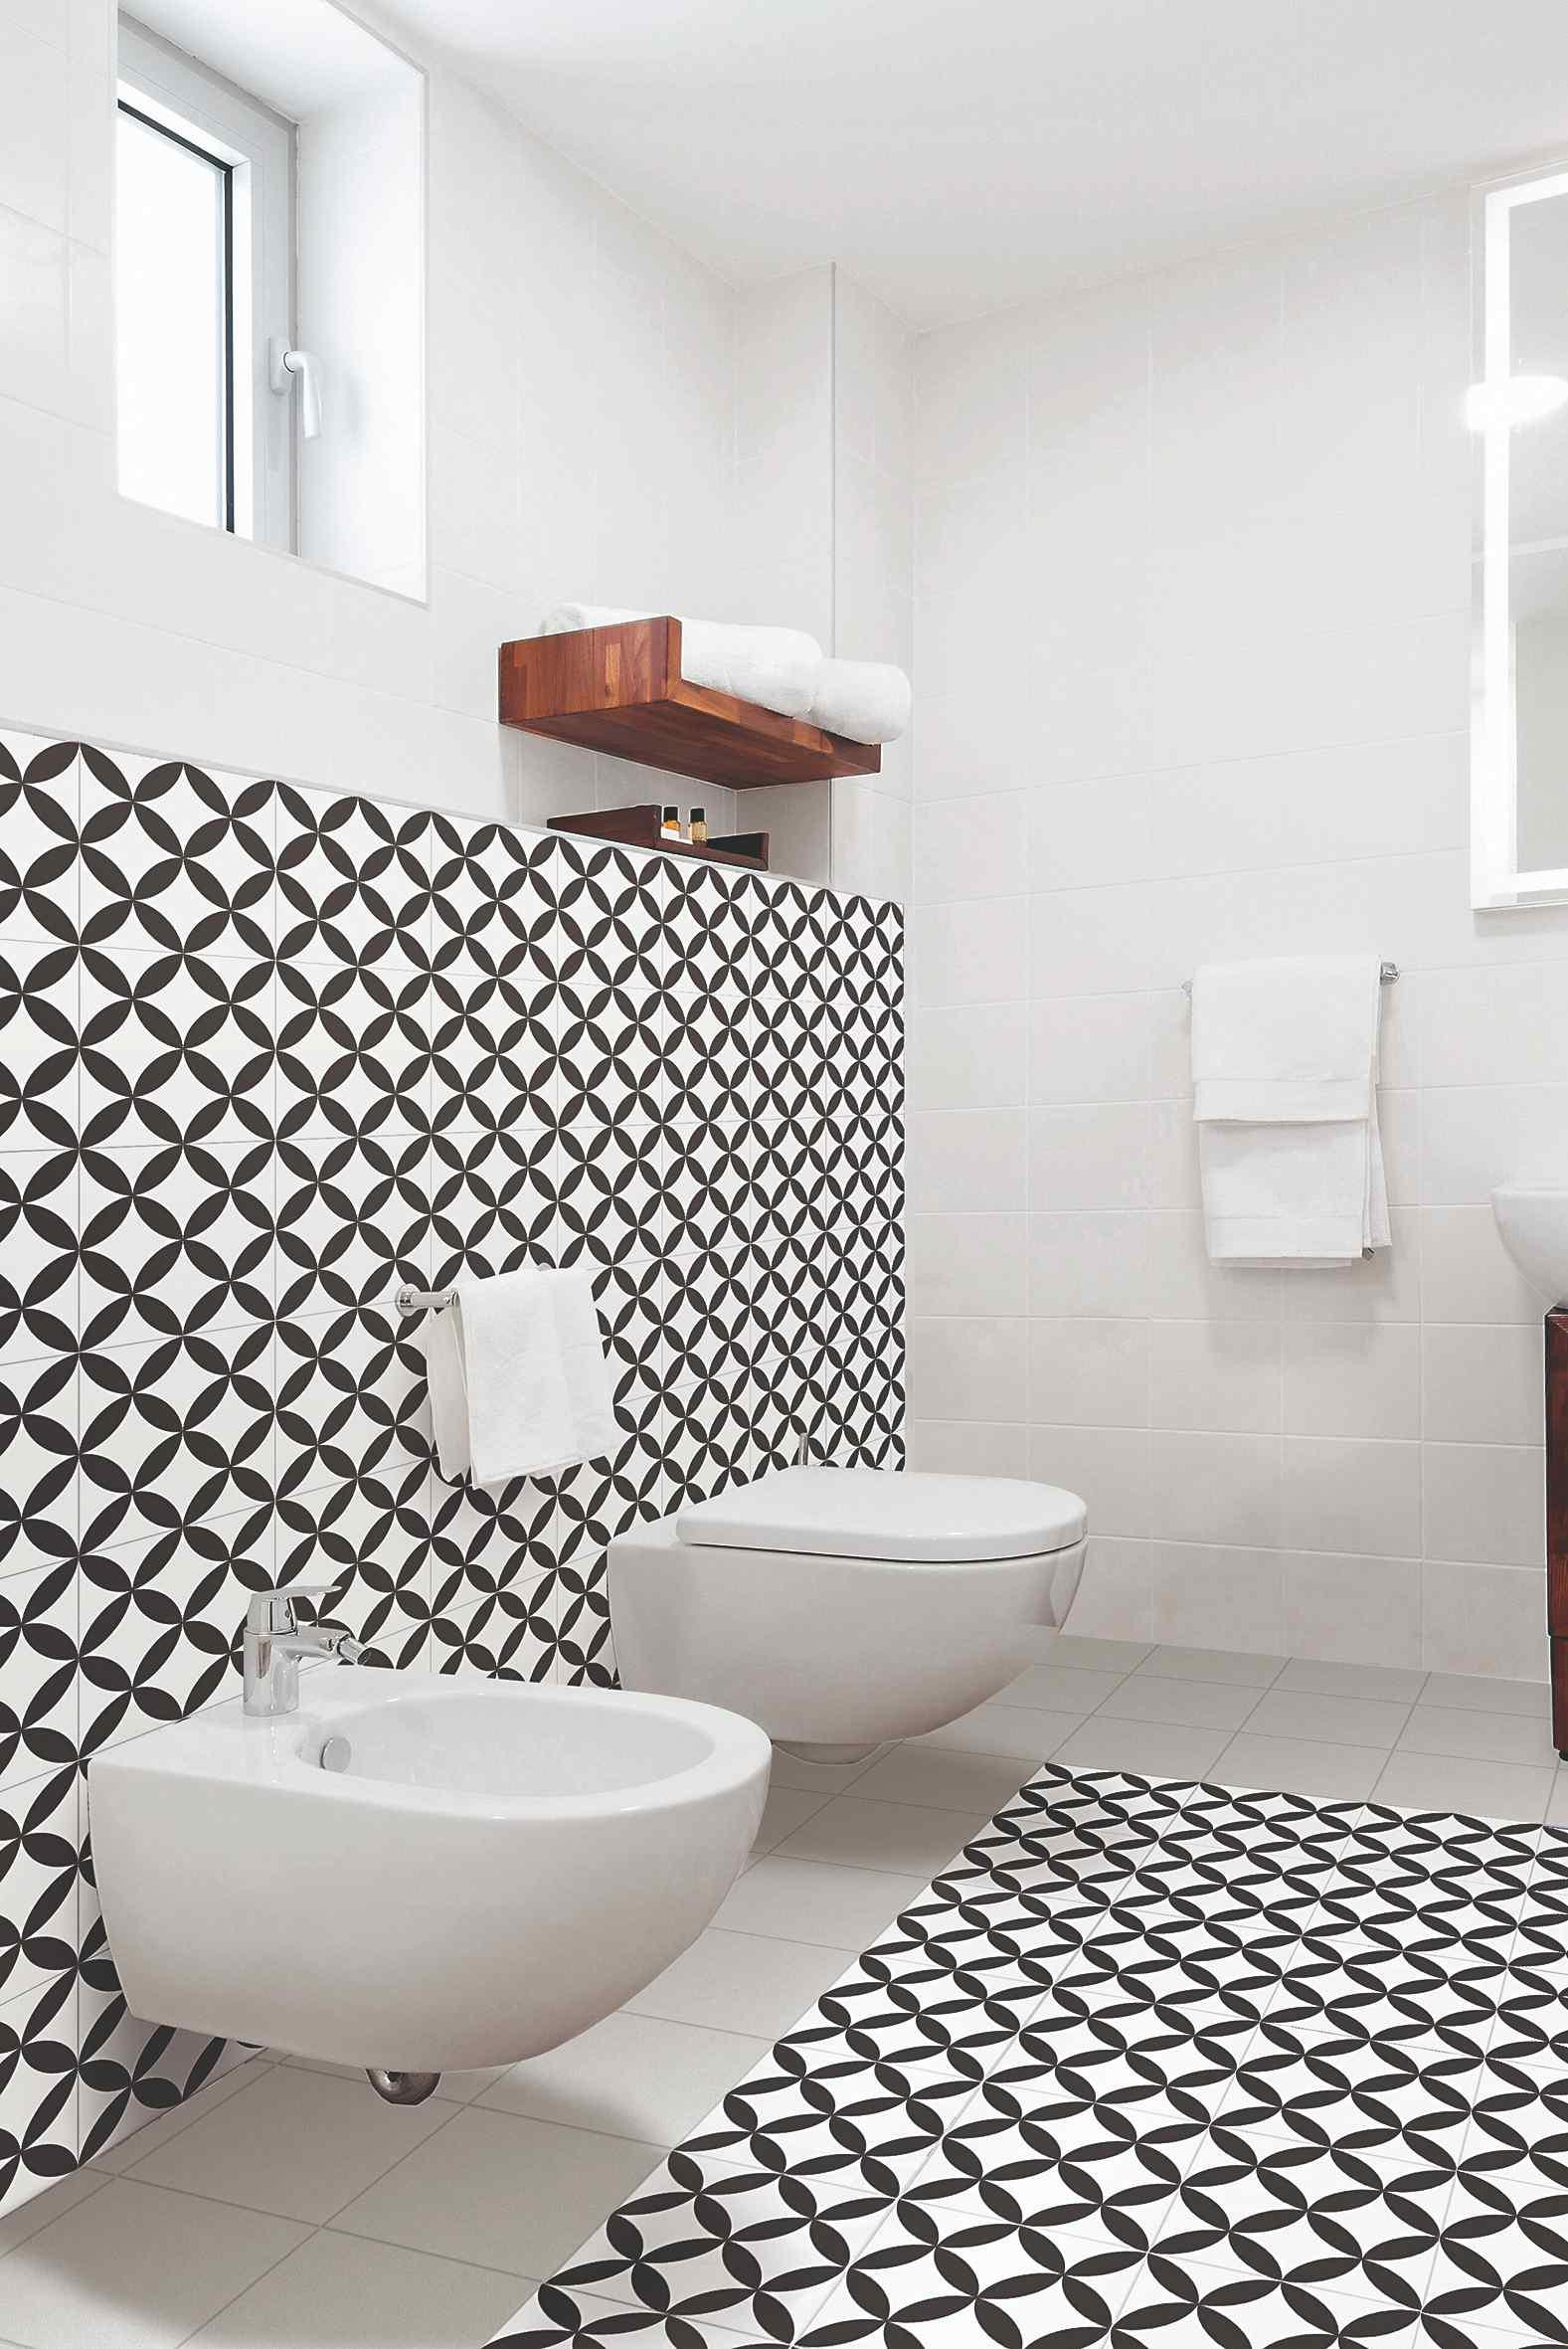 Dojem z levitujících mís v koupelně